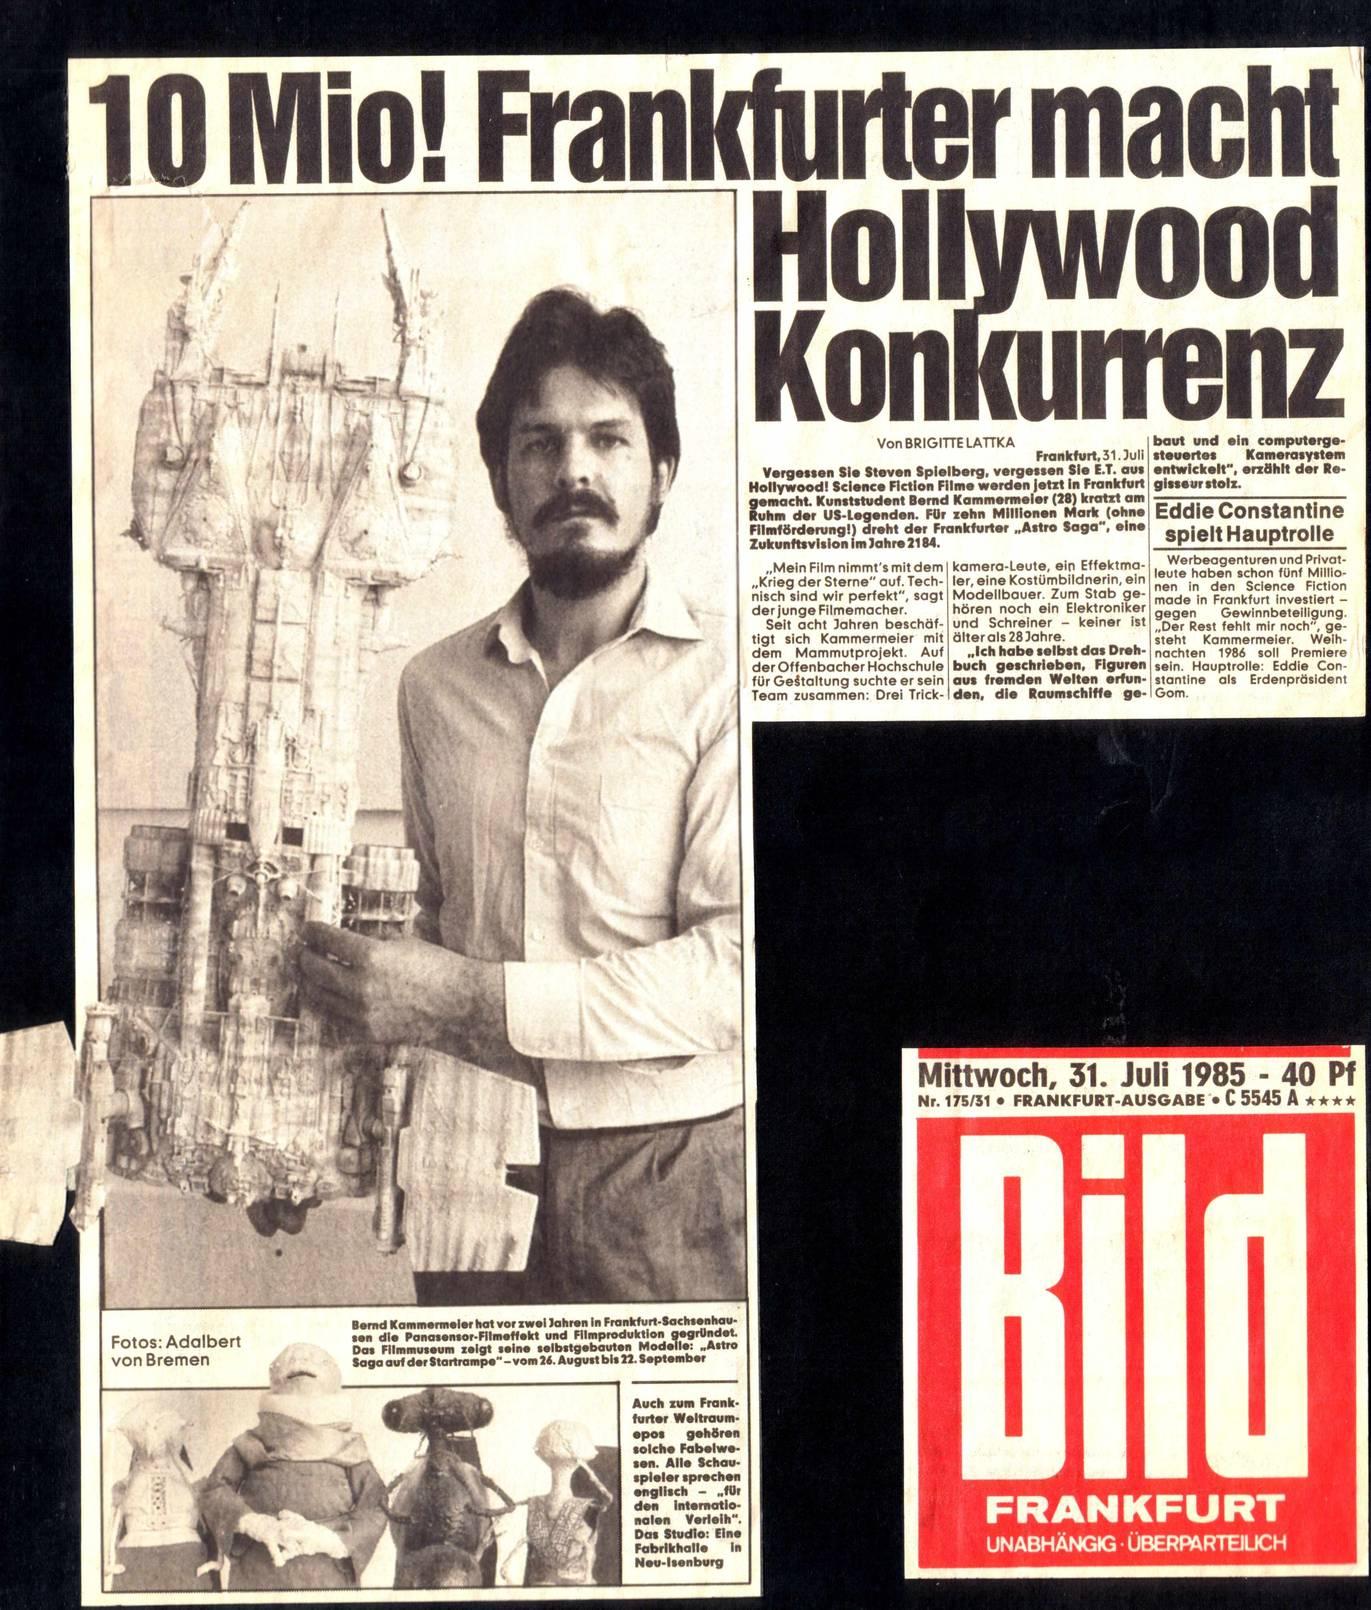 BILD 1985